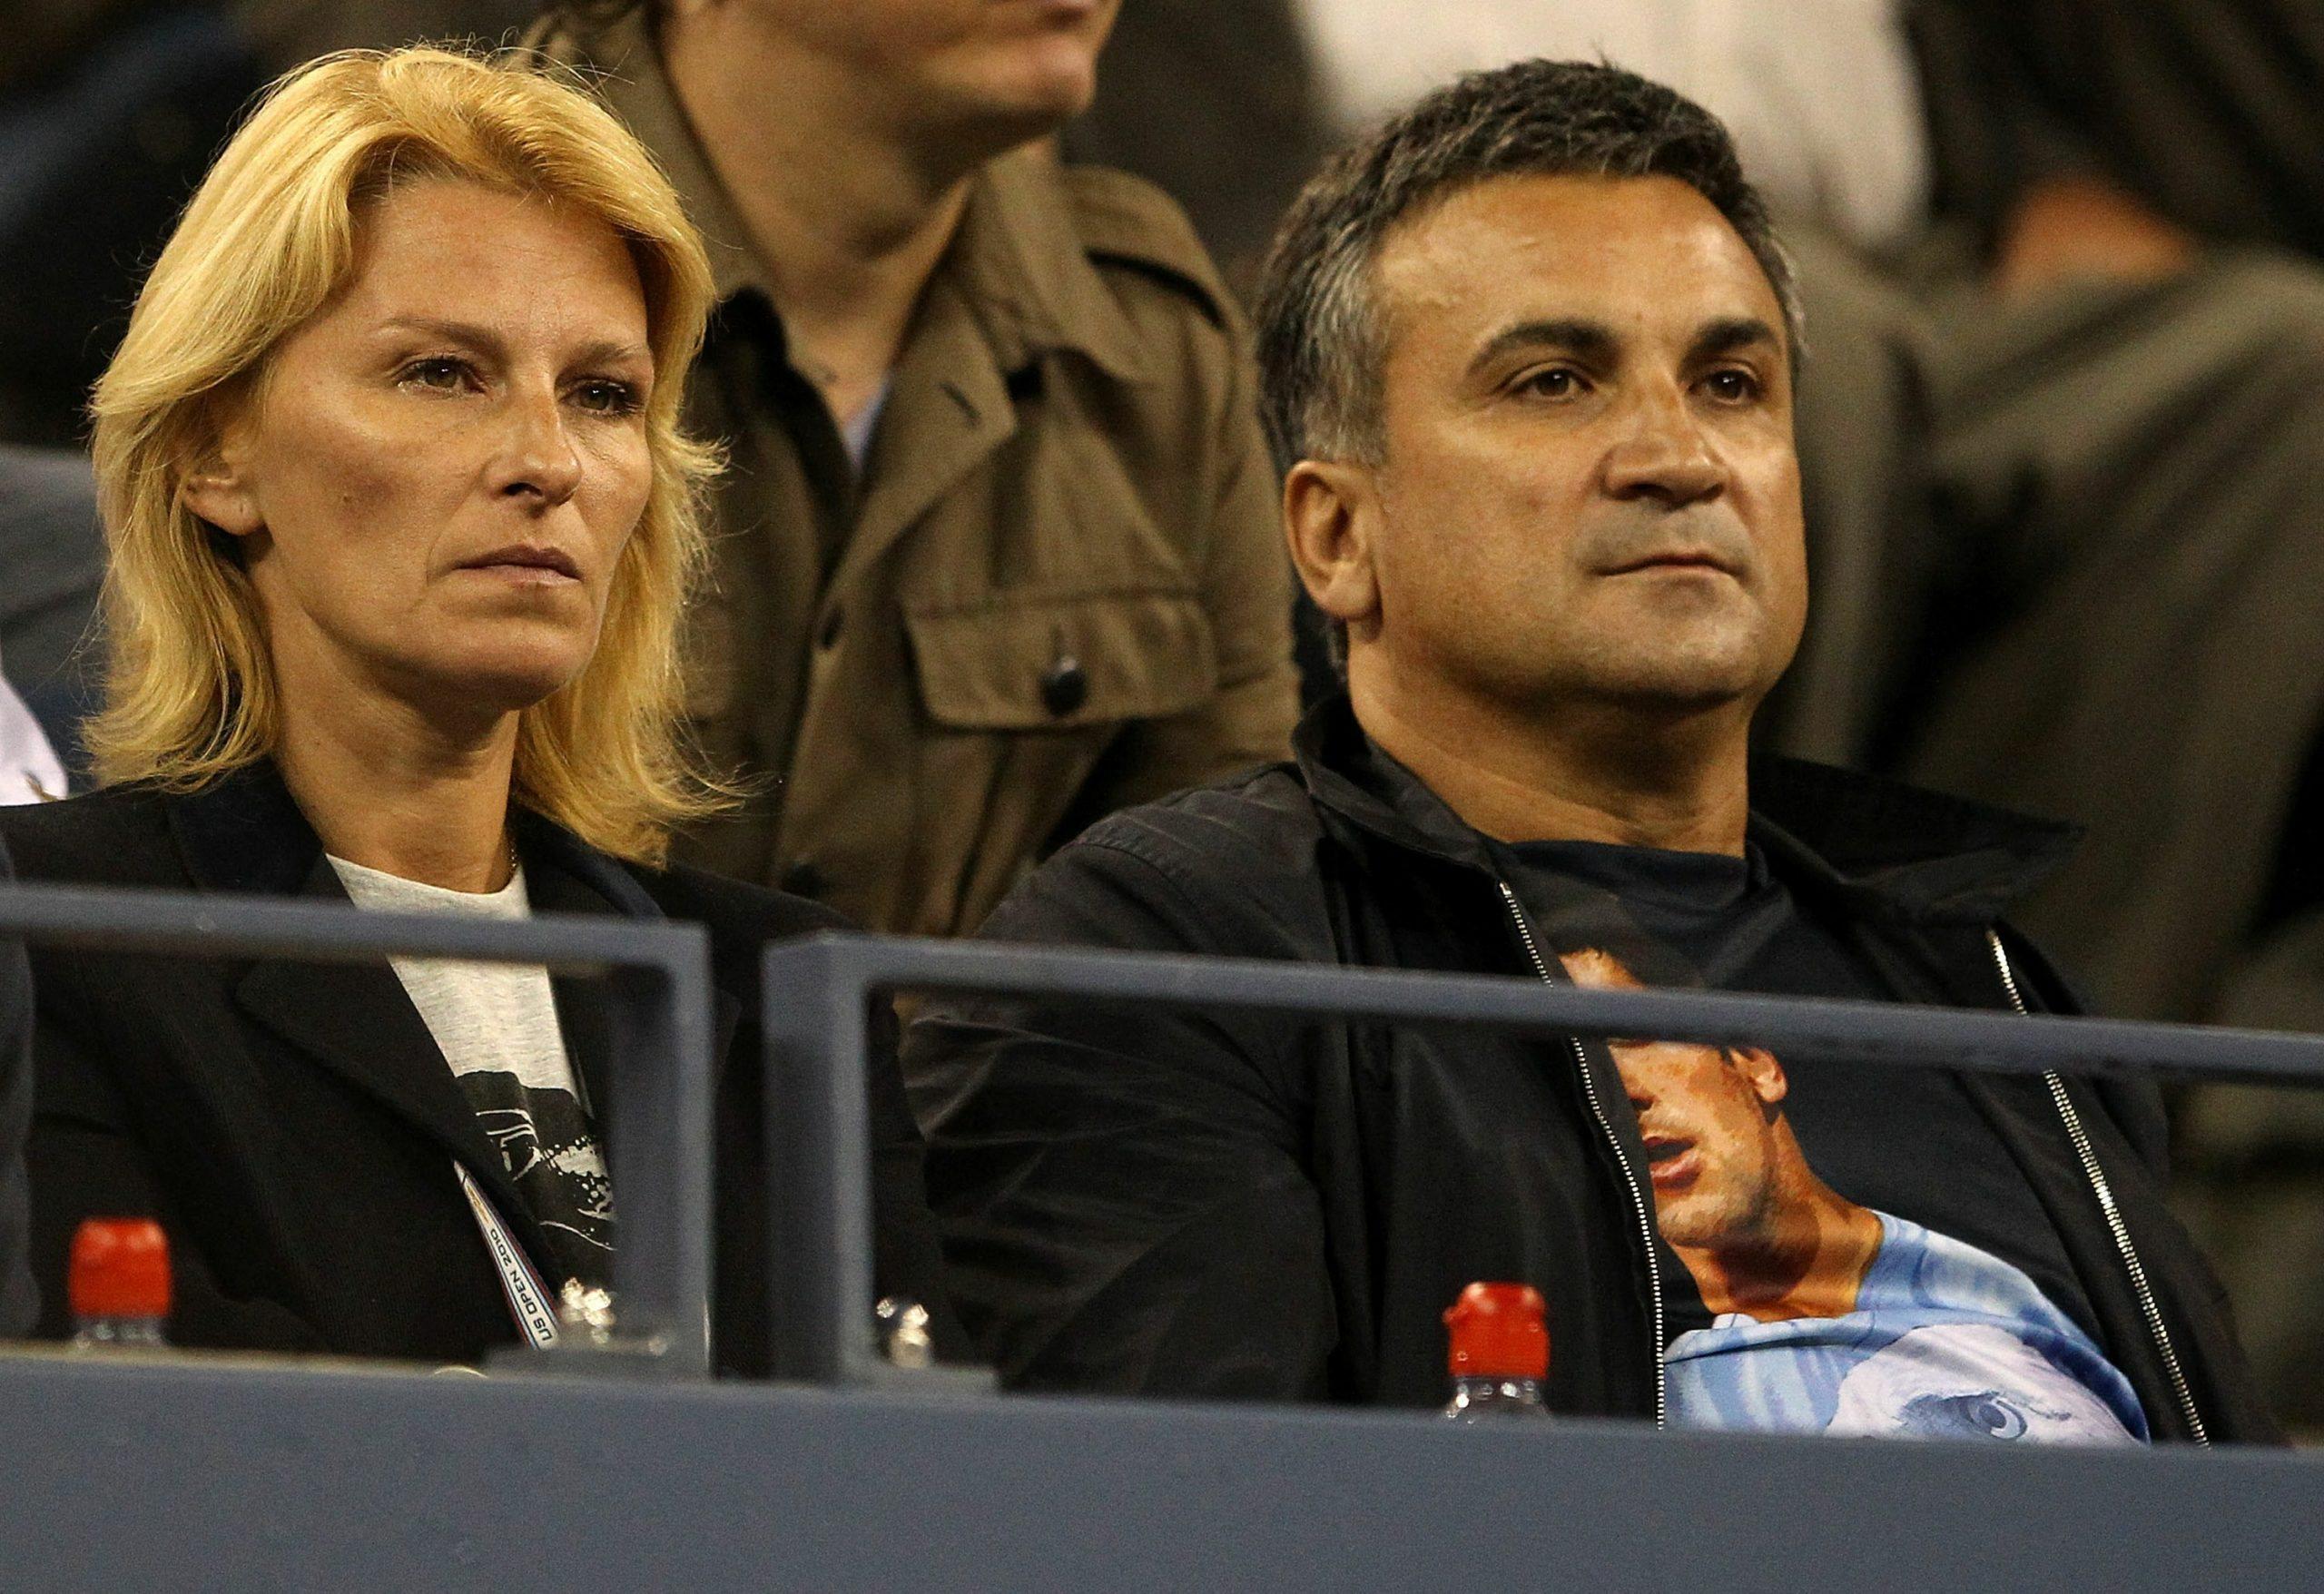 Srdjan Dźoković: Novak jest najlepszym tenisistą w historii